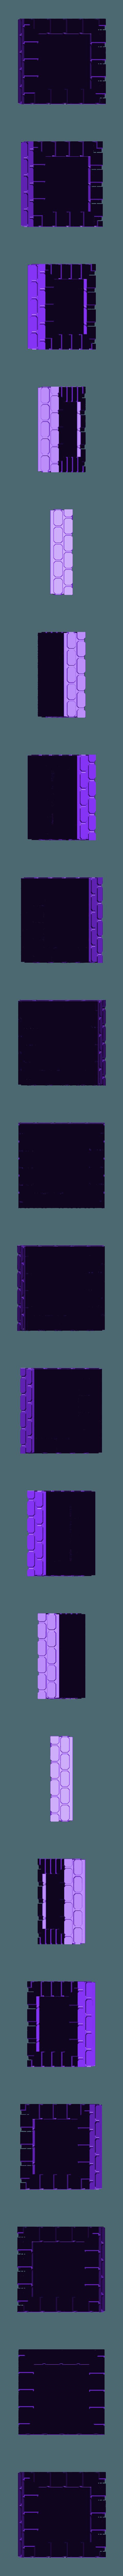 Finalized_Block.stl Télécharger fichier STL GeneriTiles - Topset de table RPG • Modèle pour imprimante 3D, daandruff